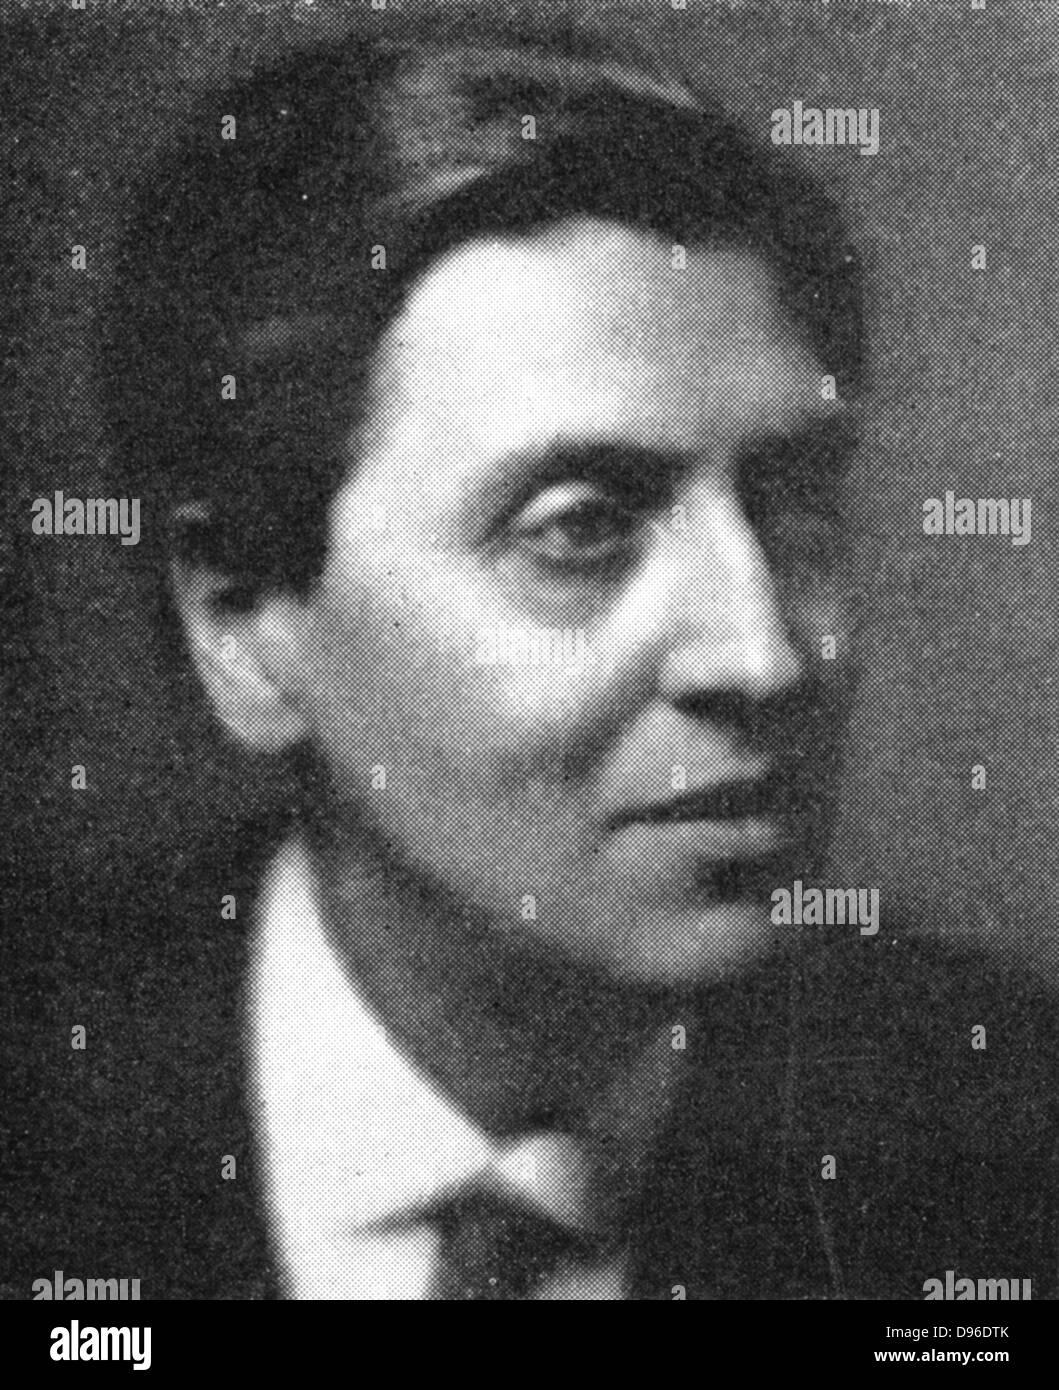 Österreichischen Komponisten Alban Berg (1885-1935), ein Schüler von Schönberg. Stockbild